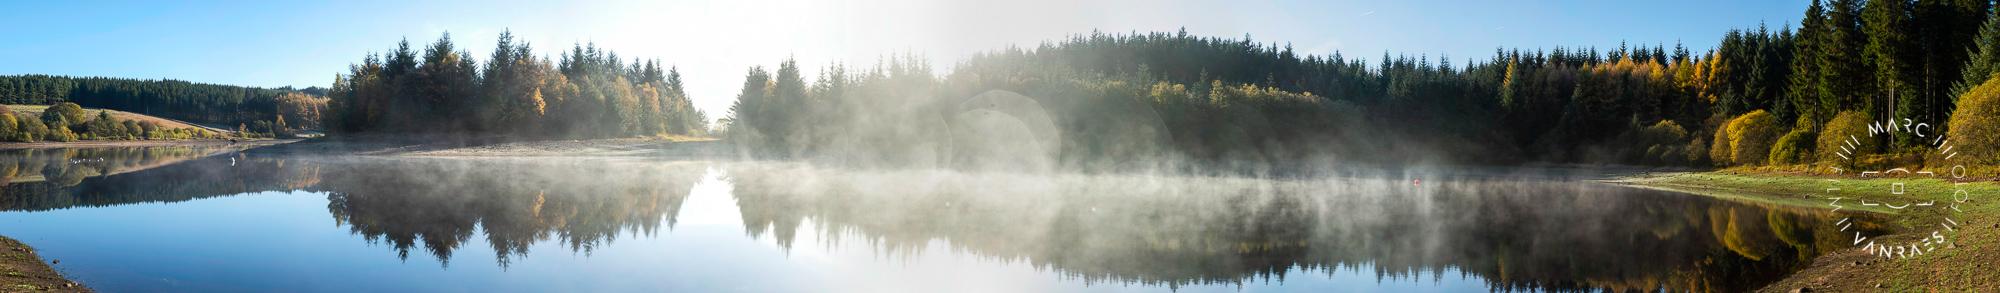 © Deze foto's van Kielder Water 1 - www.marcvanraes.be - 1_